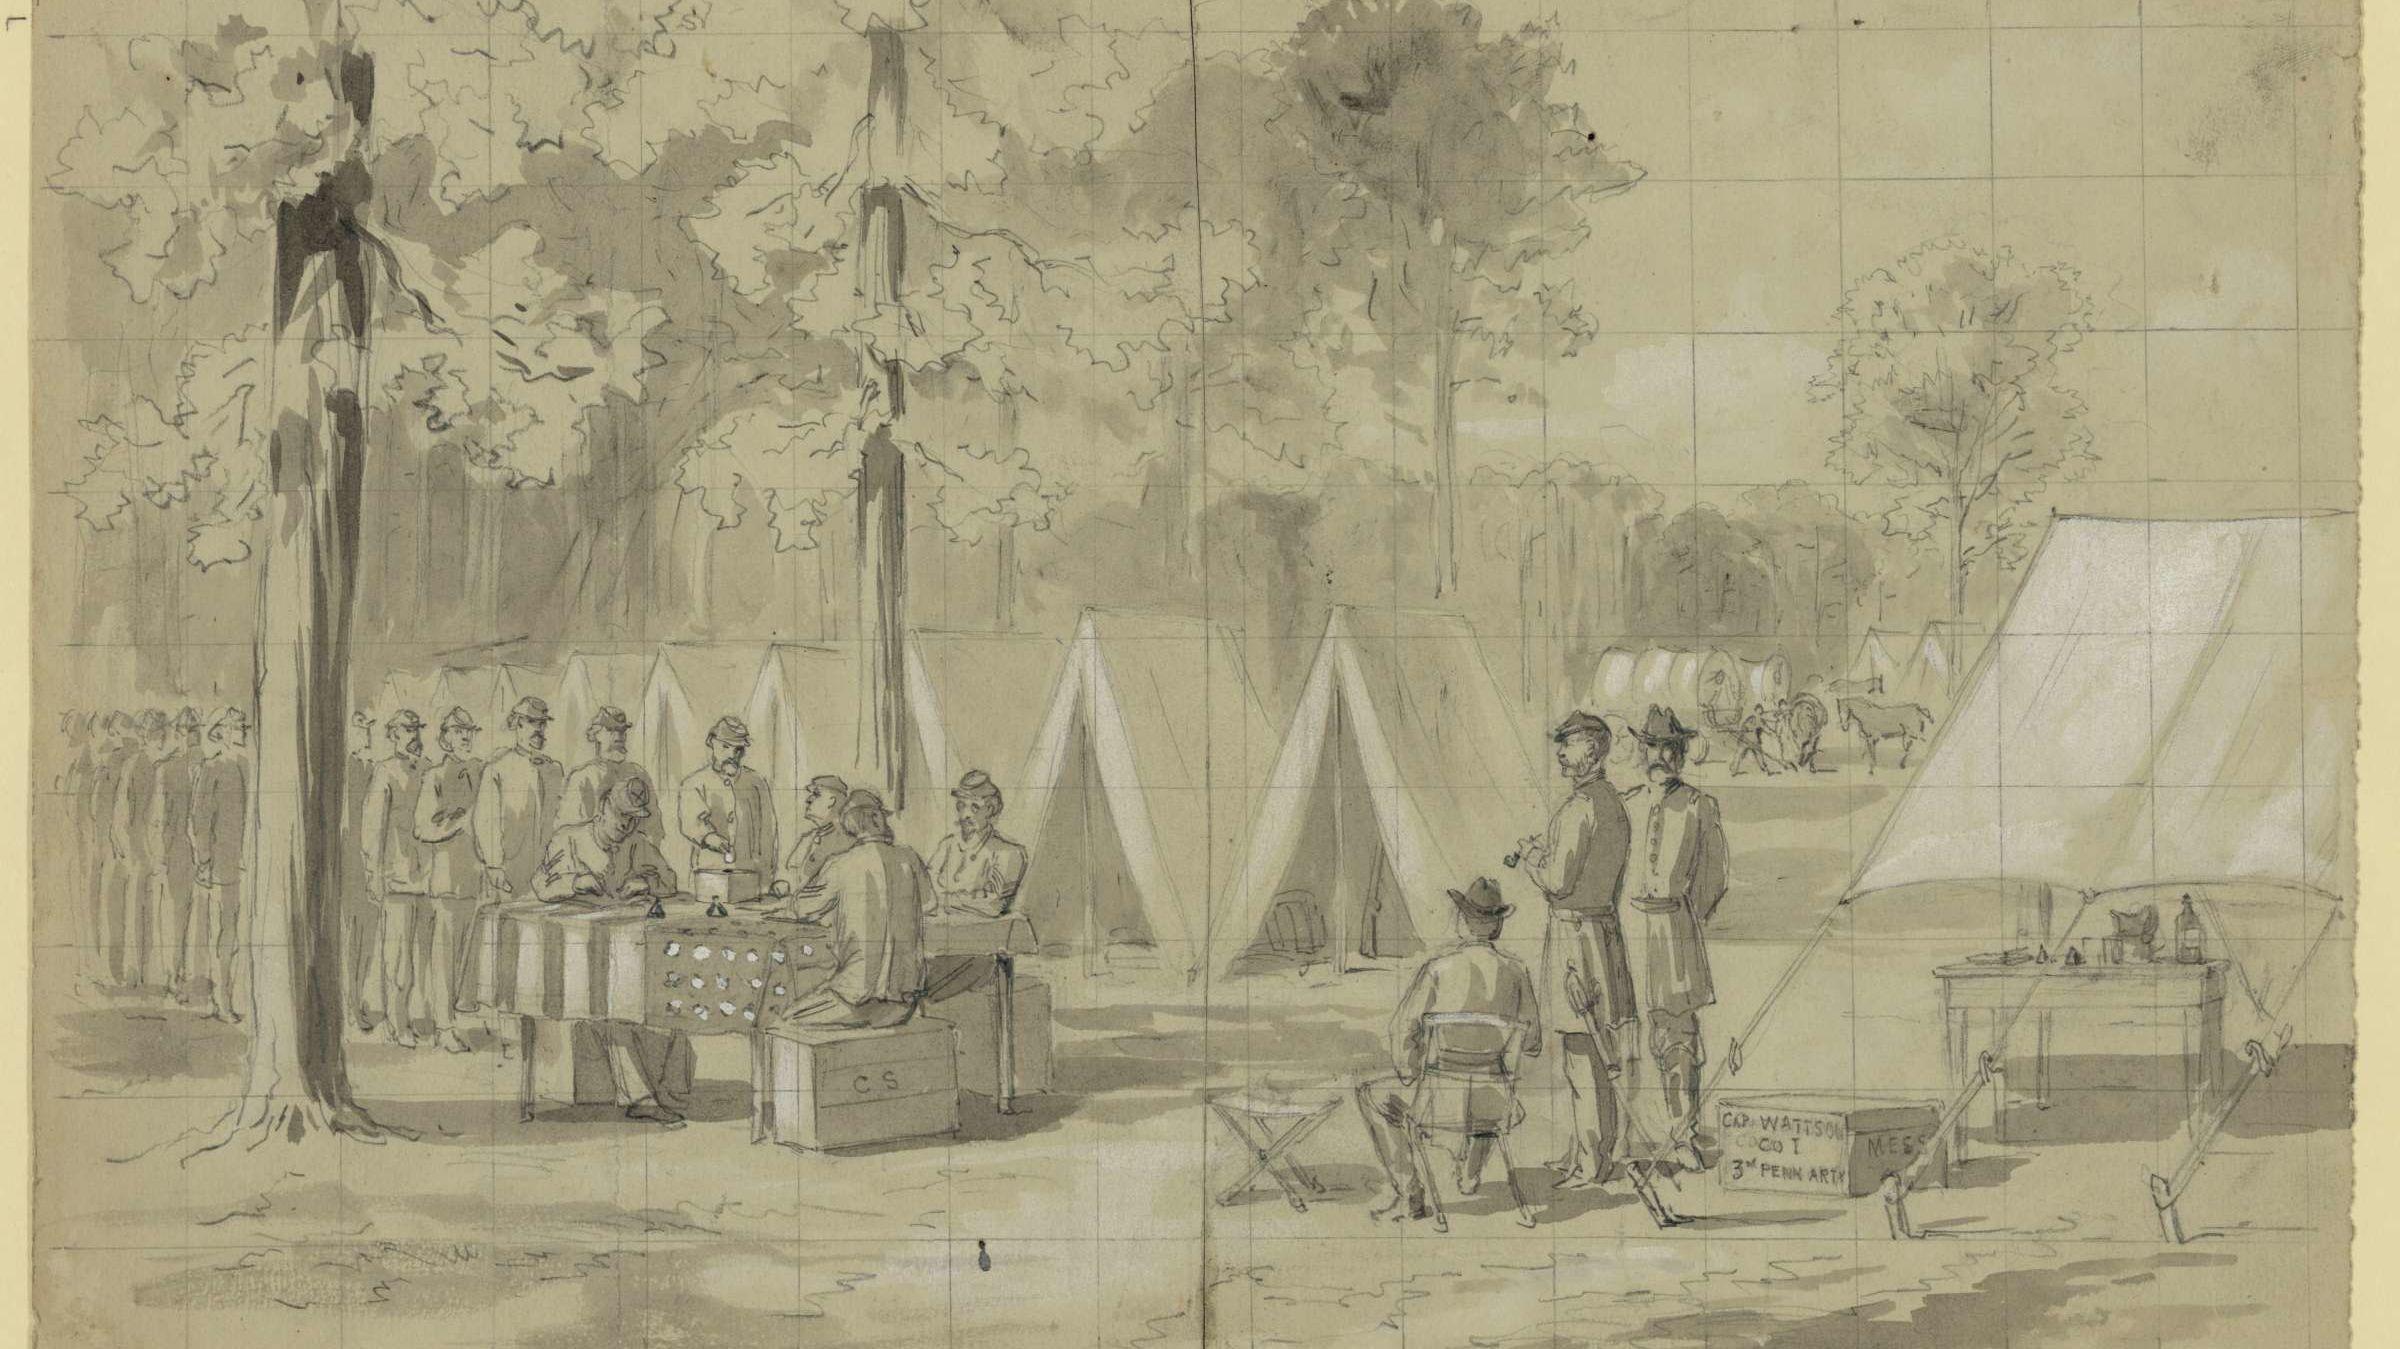 The Civil War Beginnings of America's Absentee Ballots